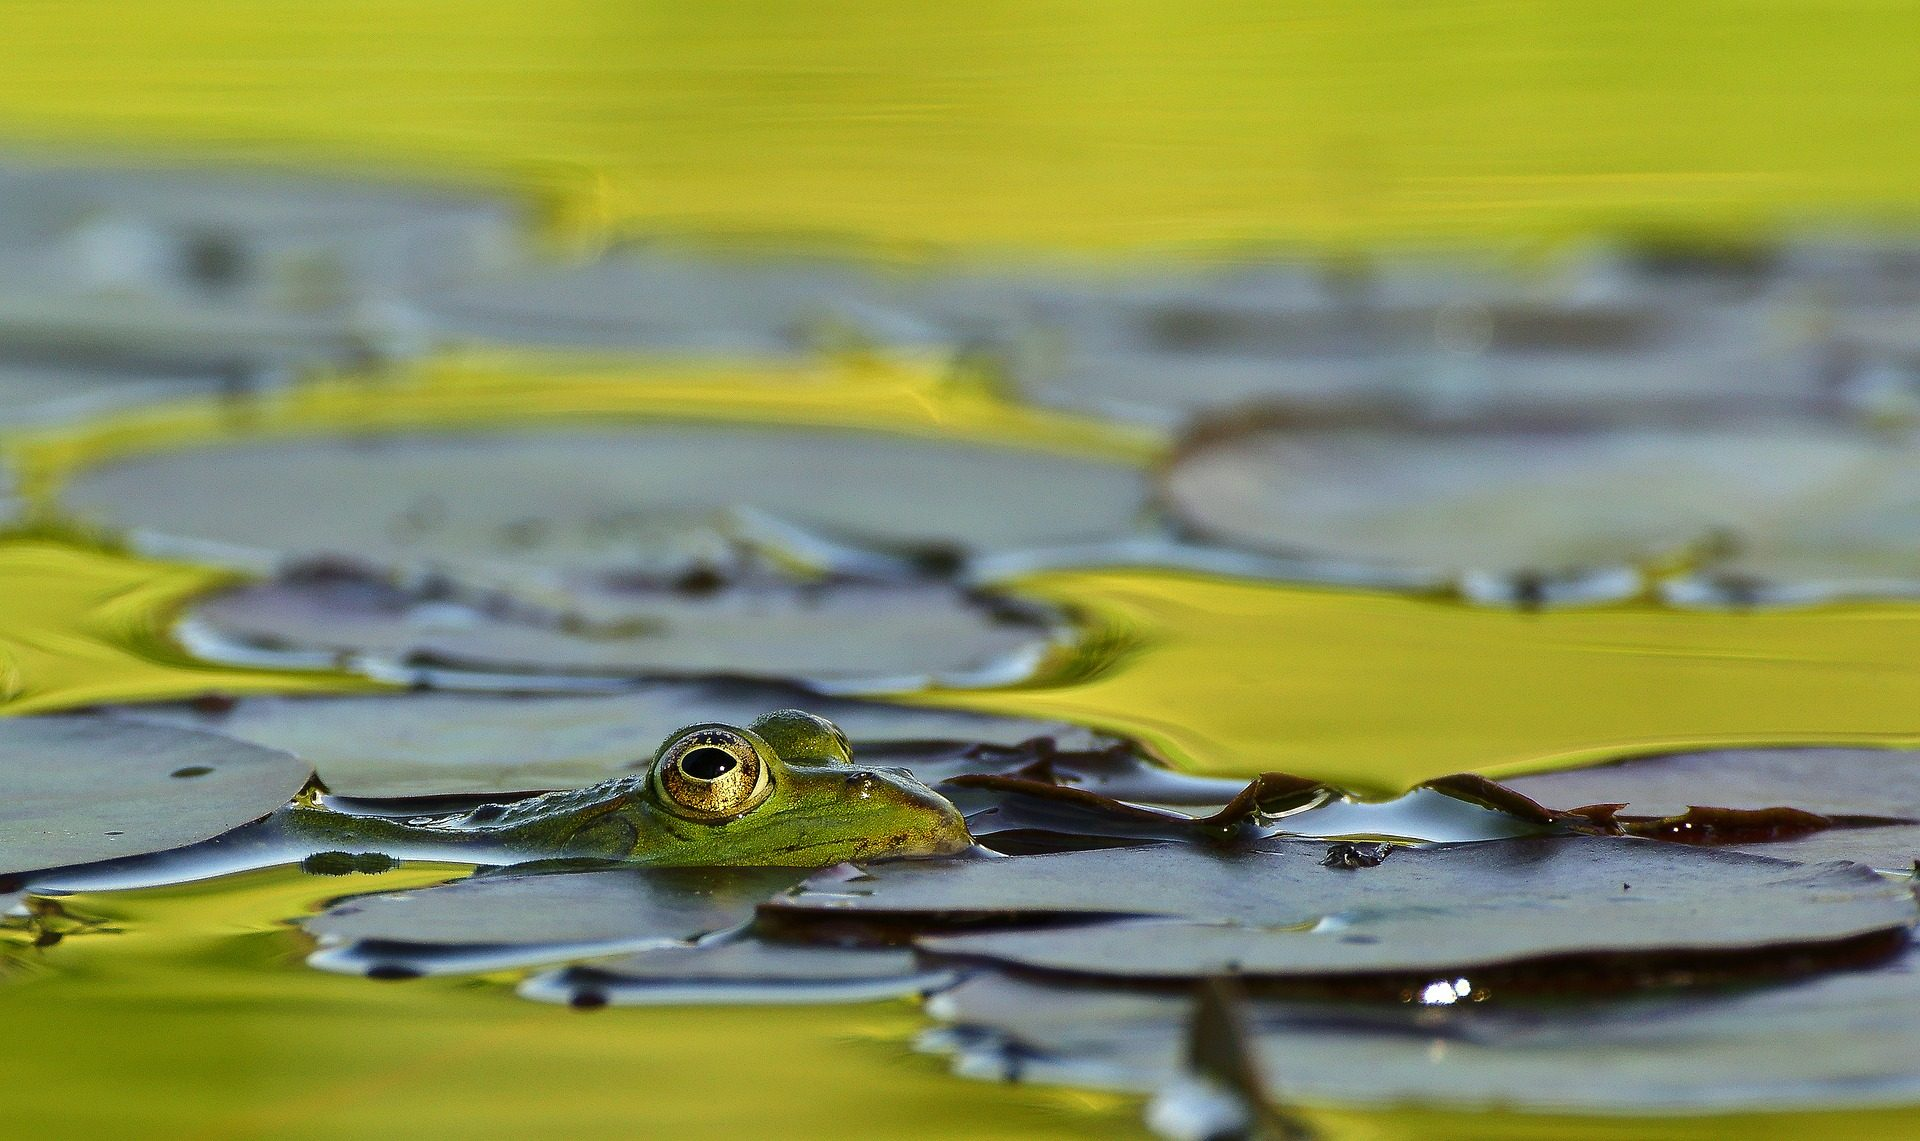 Βάτραχος, lago, Λίμνη, κρίνοι νερού, νερό, τα μάτια - Wallpapers HD - Professor-falken.com